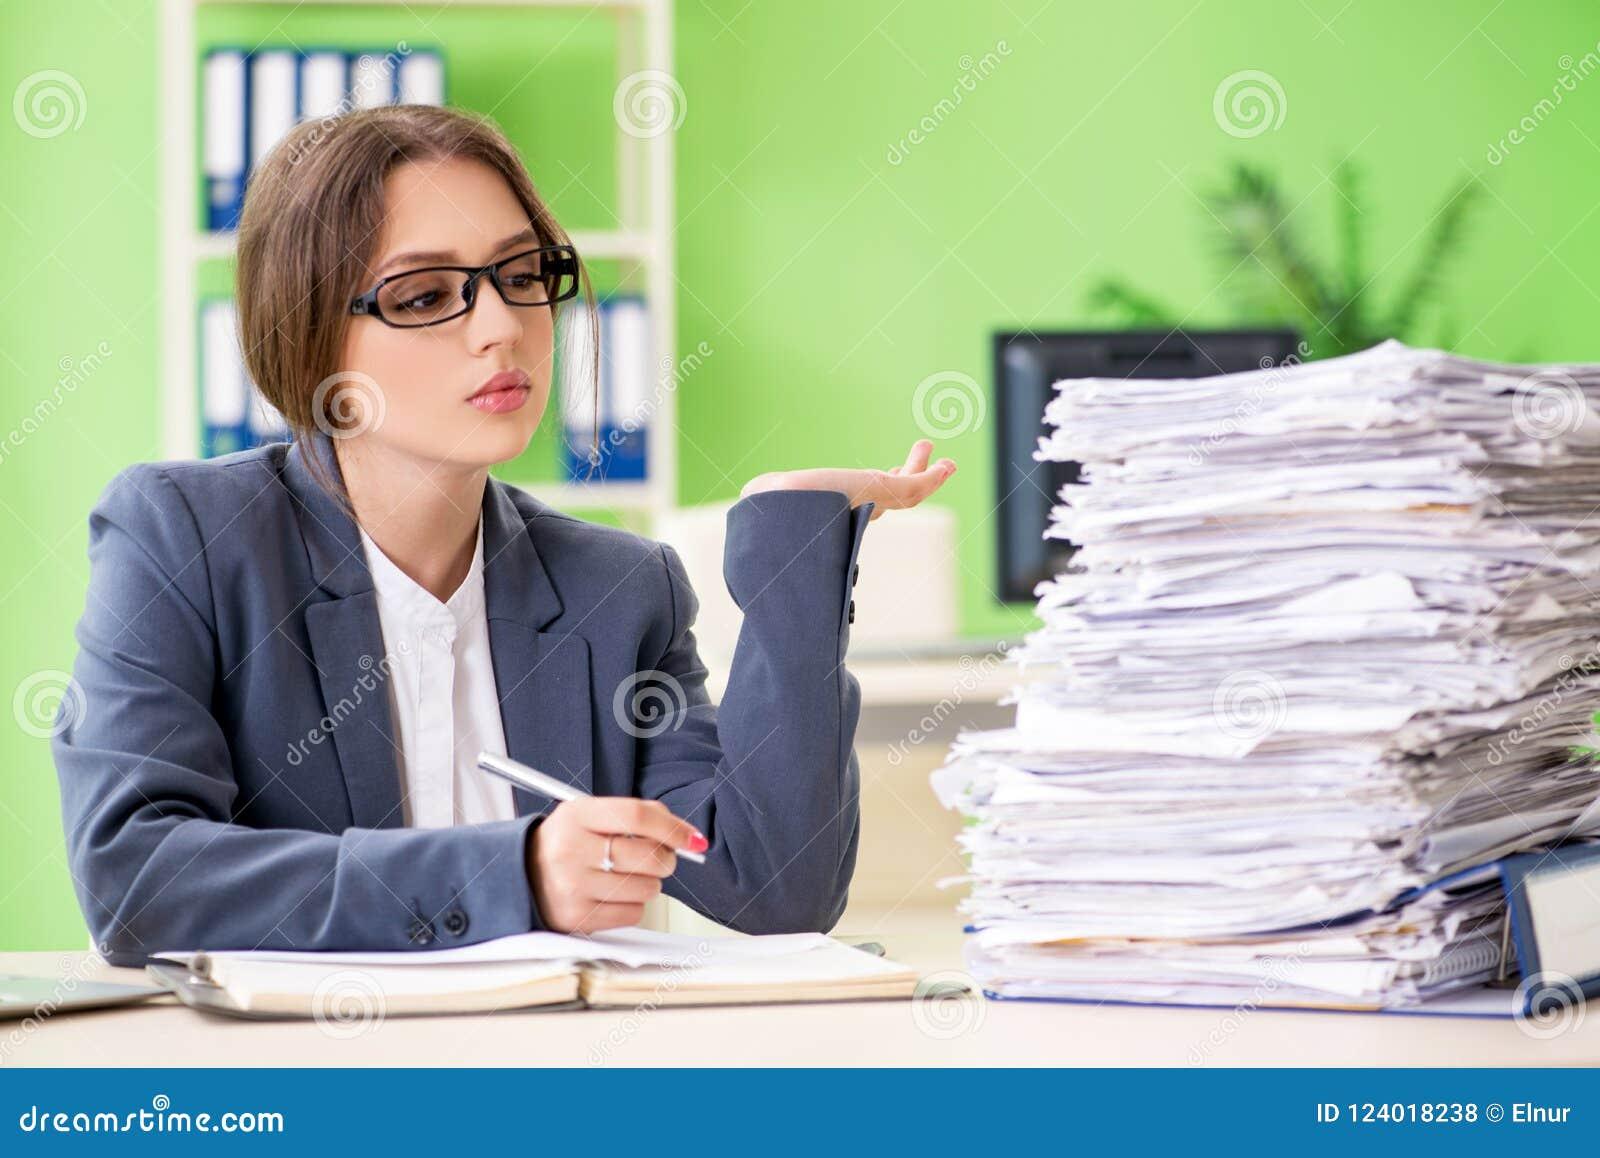 El empleado de sexo femenino joven muy ocupado con papeleo en curso